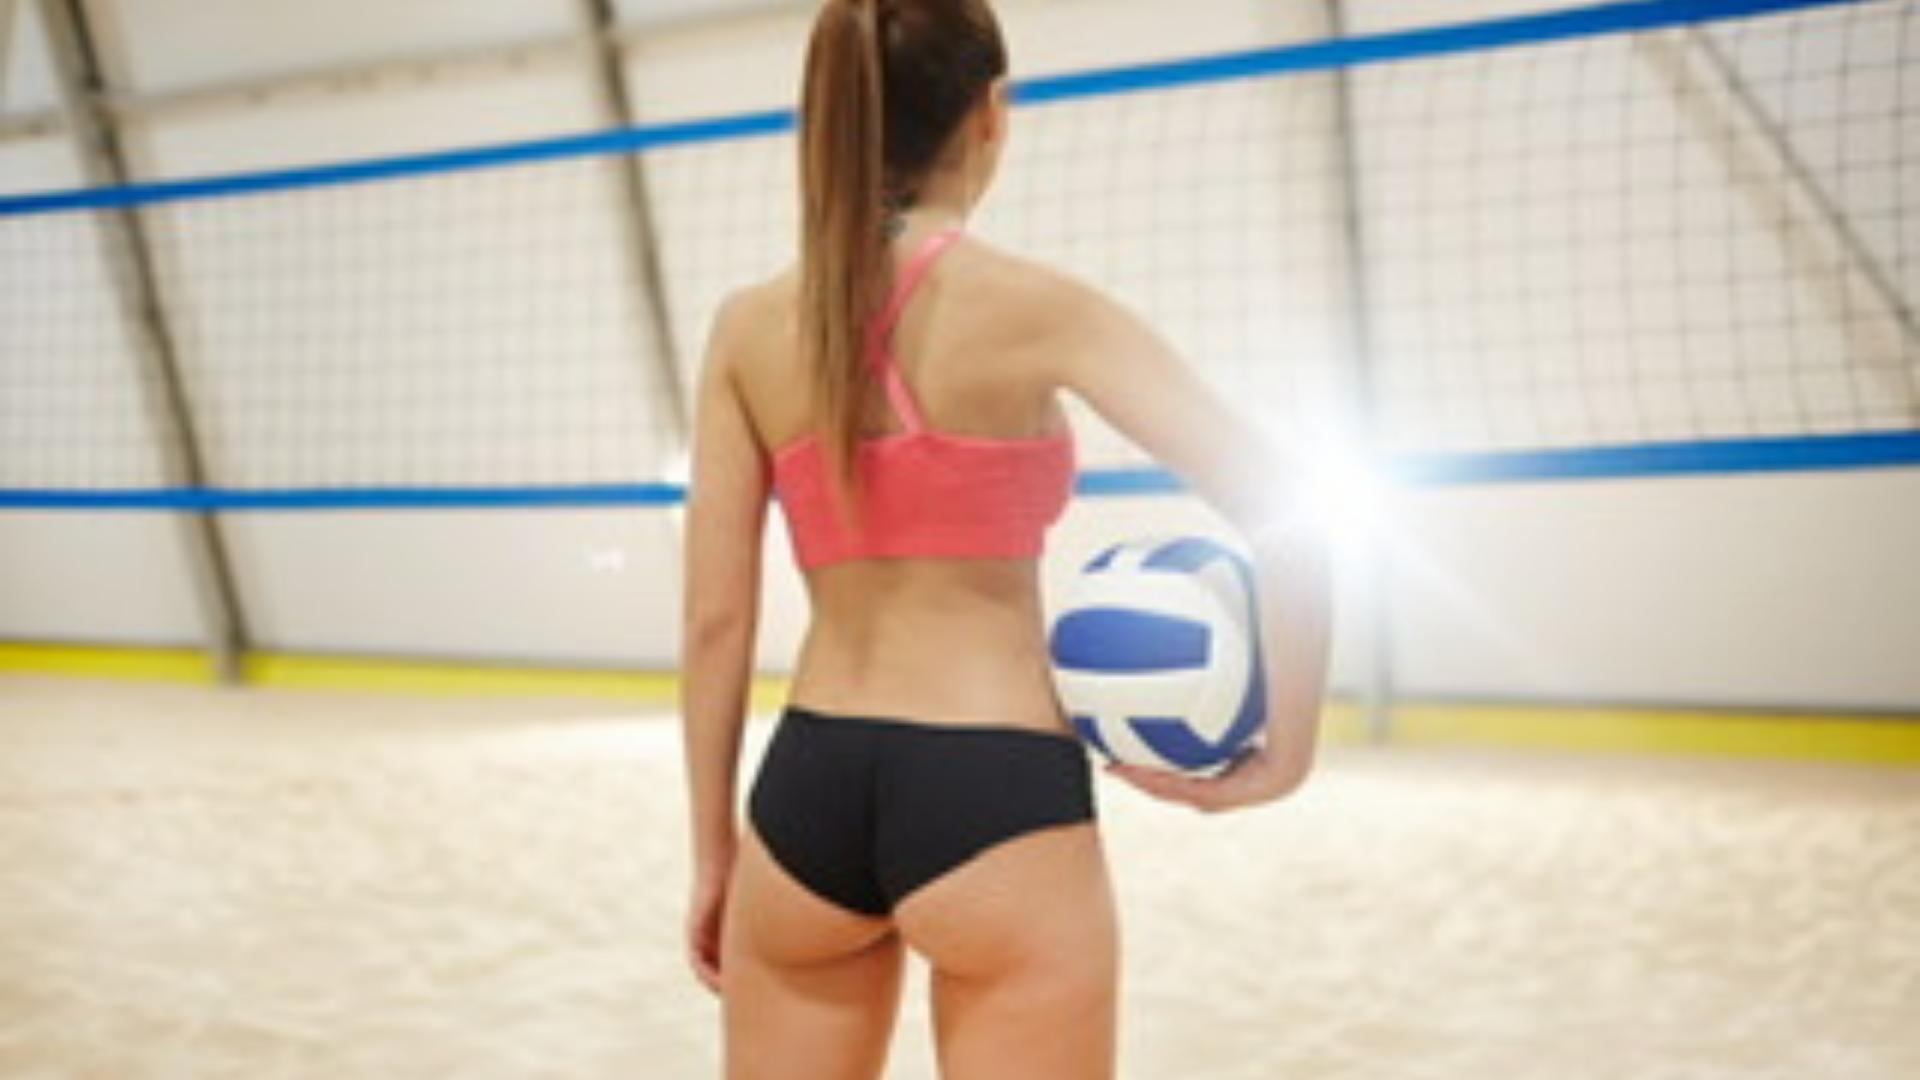 L'importanza della prevenzione negli sport di salto come la pallavolo